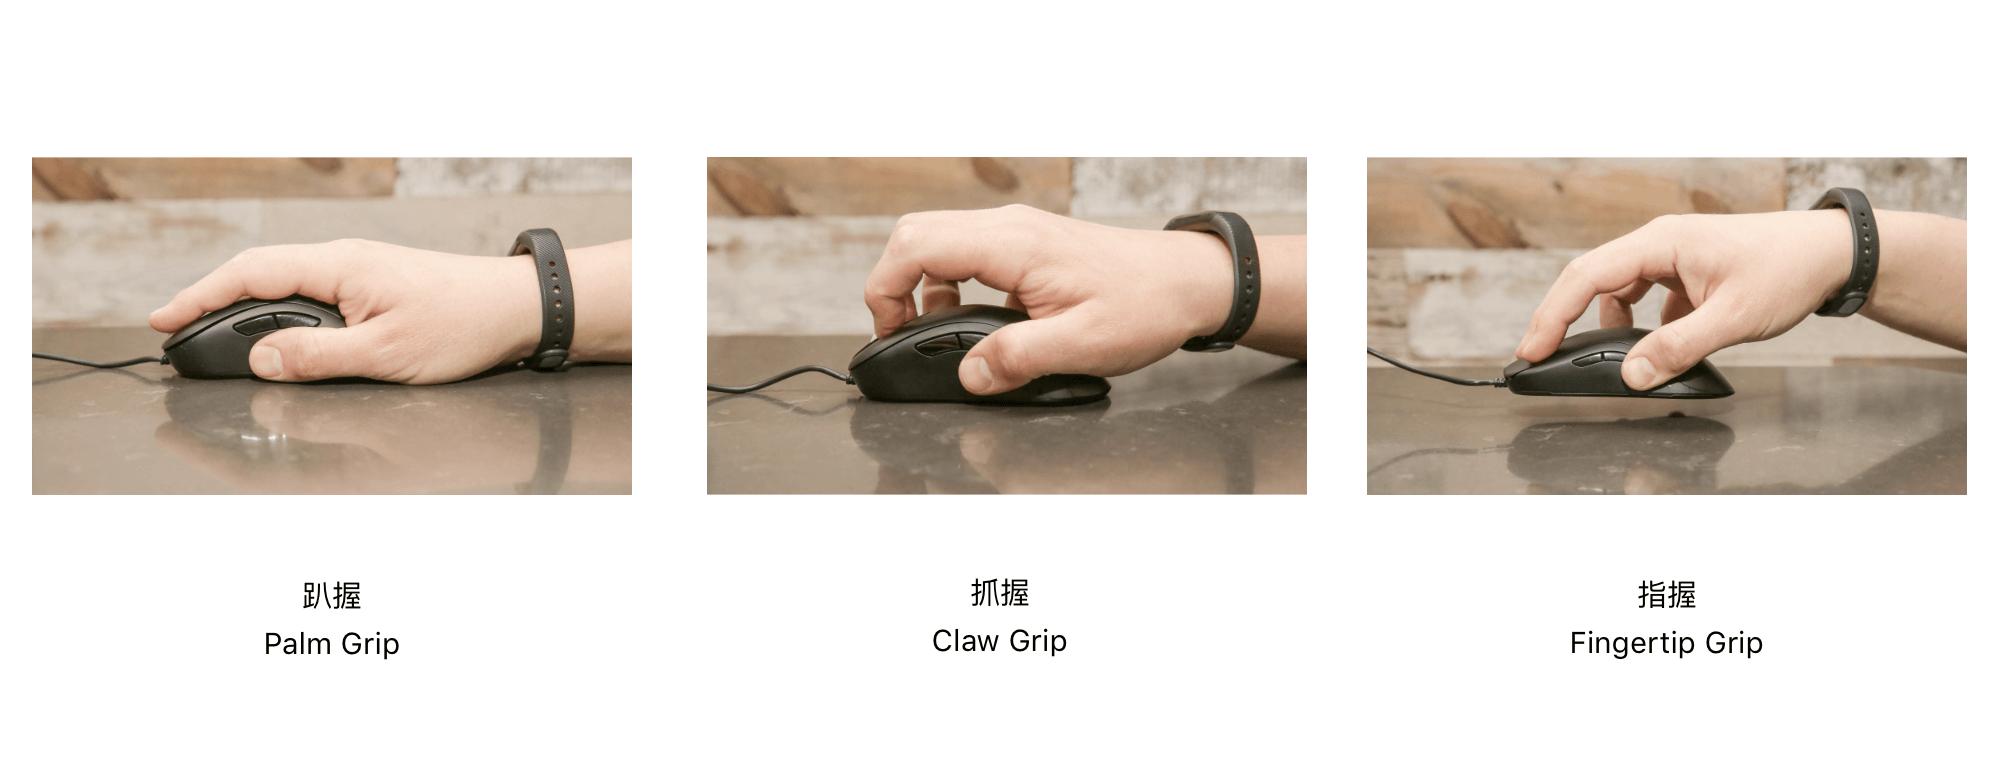 鼠标的三种握法(来源:CNET)